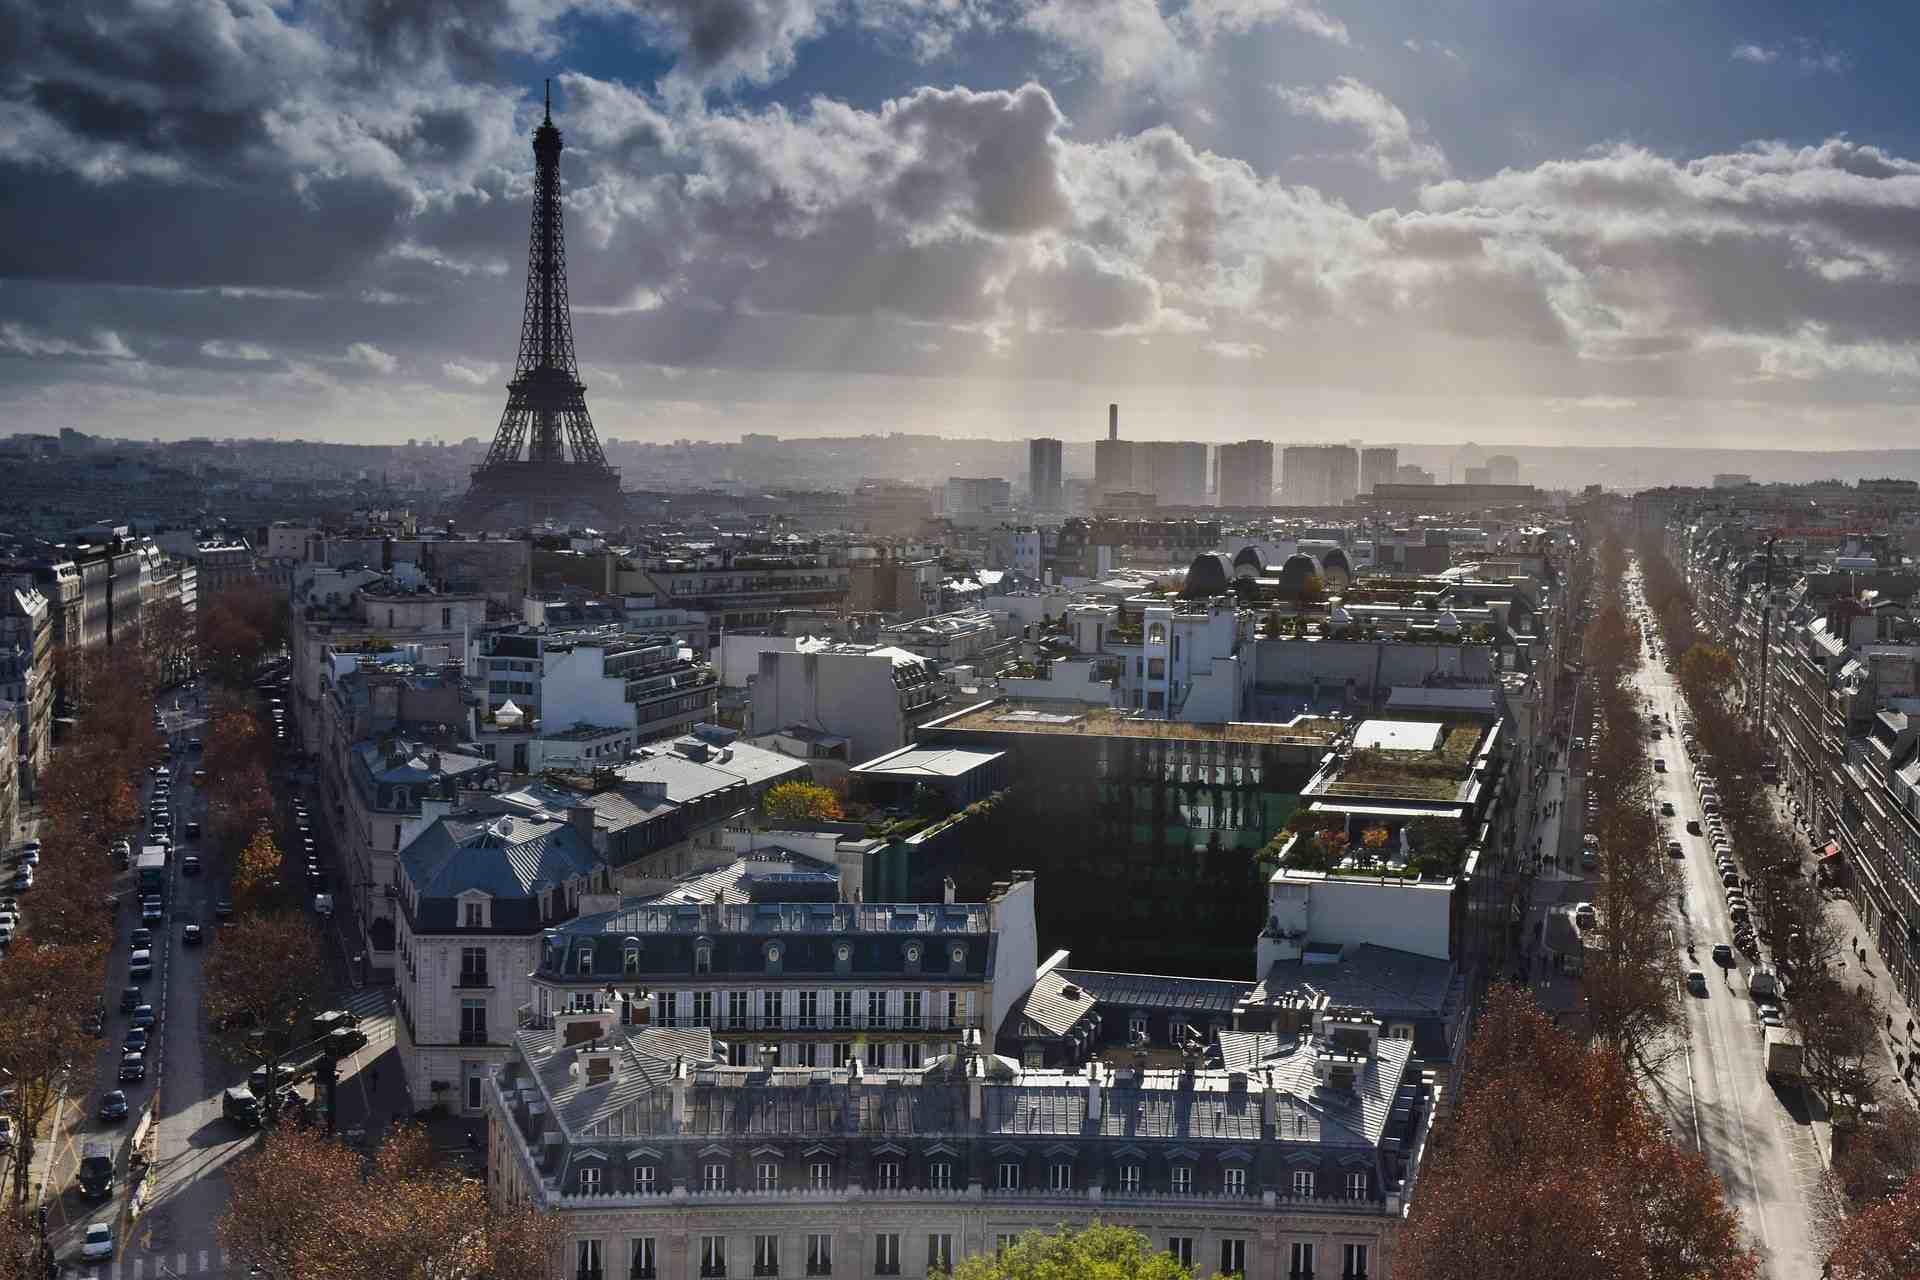 Ảnh tháp Eiffel góc nhìn mới lạ